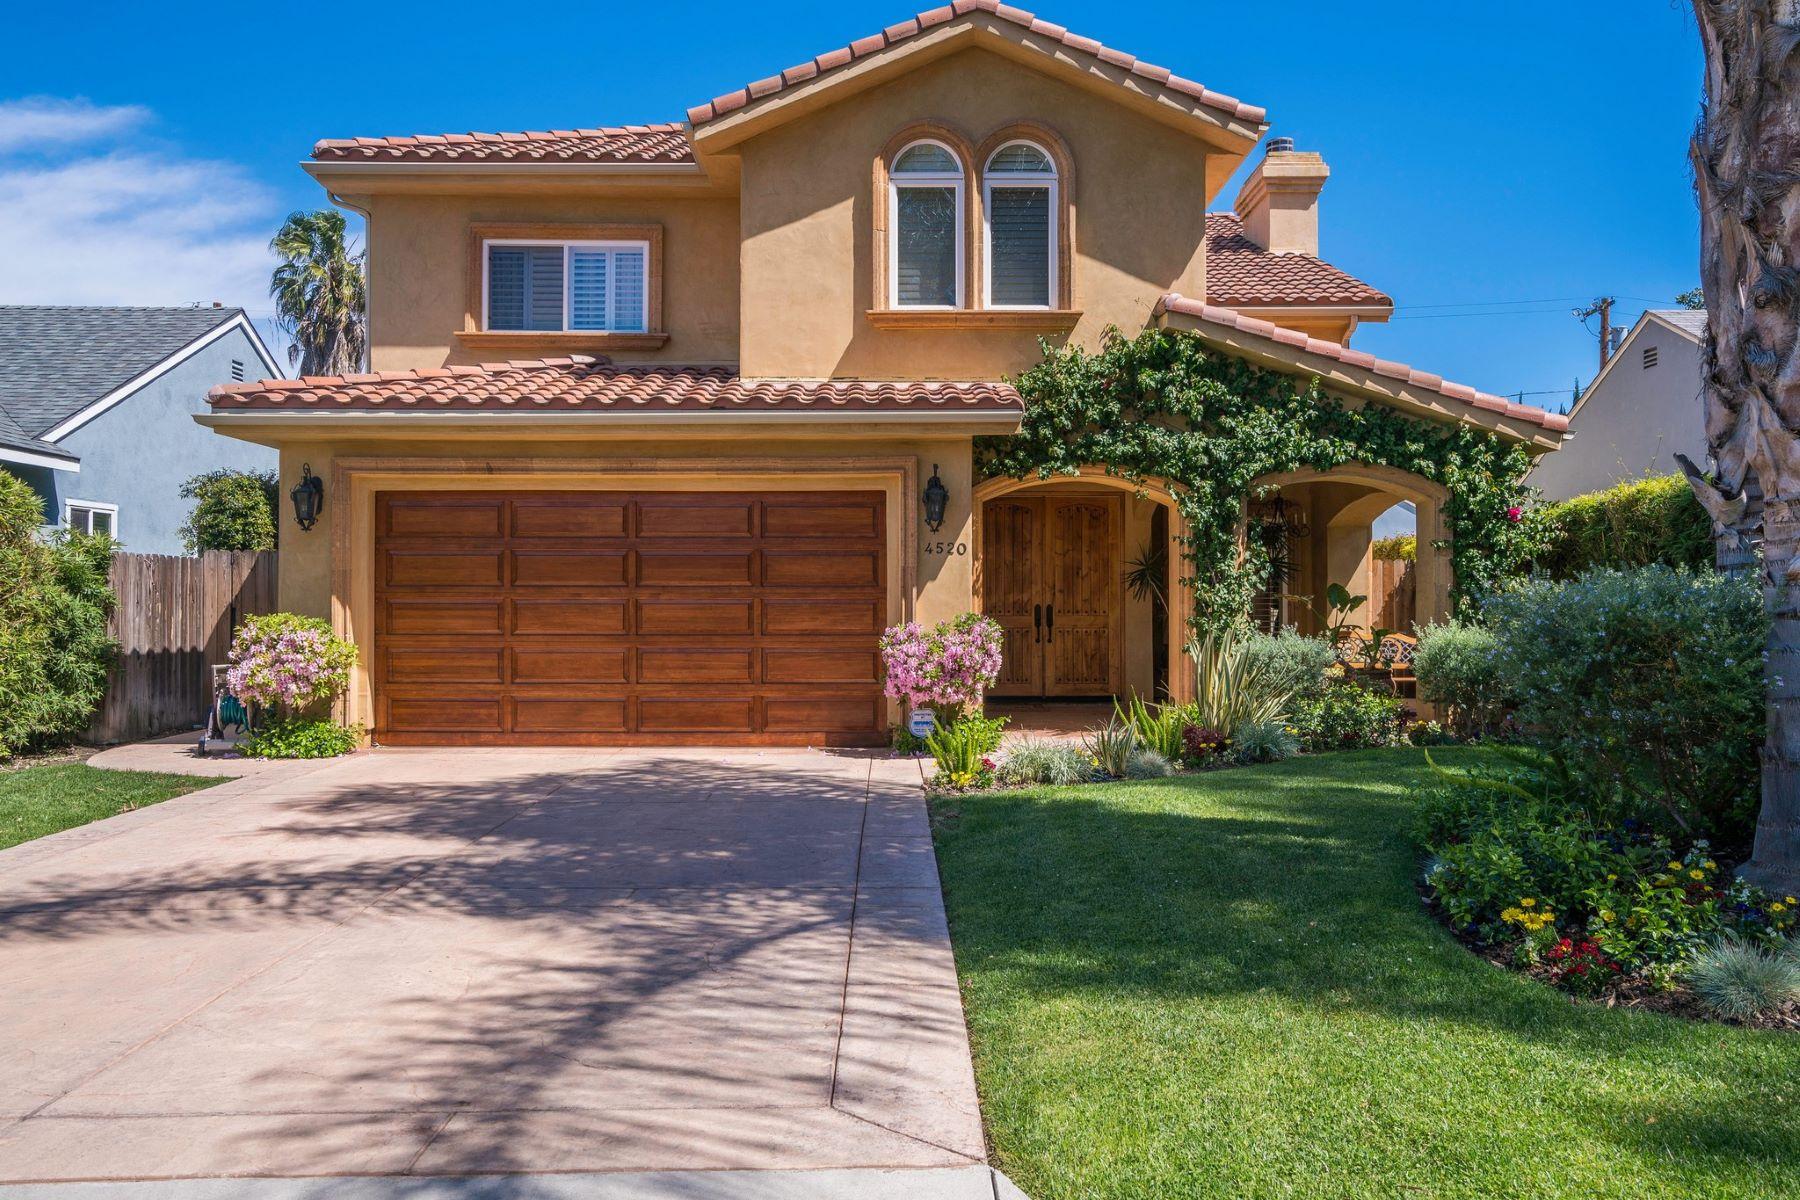 Maison unifamiliale pour l Vente à 4520 Tyrone Ave Sherman Oaks, Californie, 91423 États-Unis